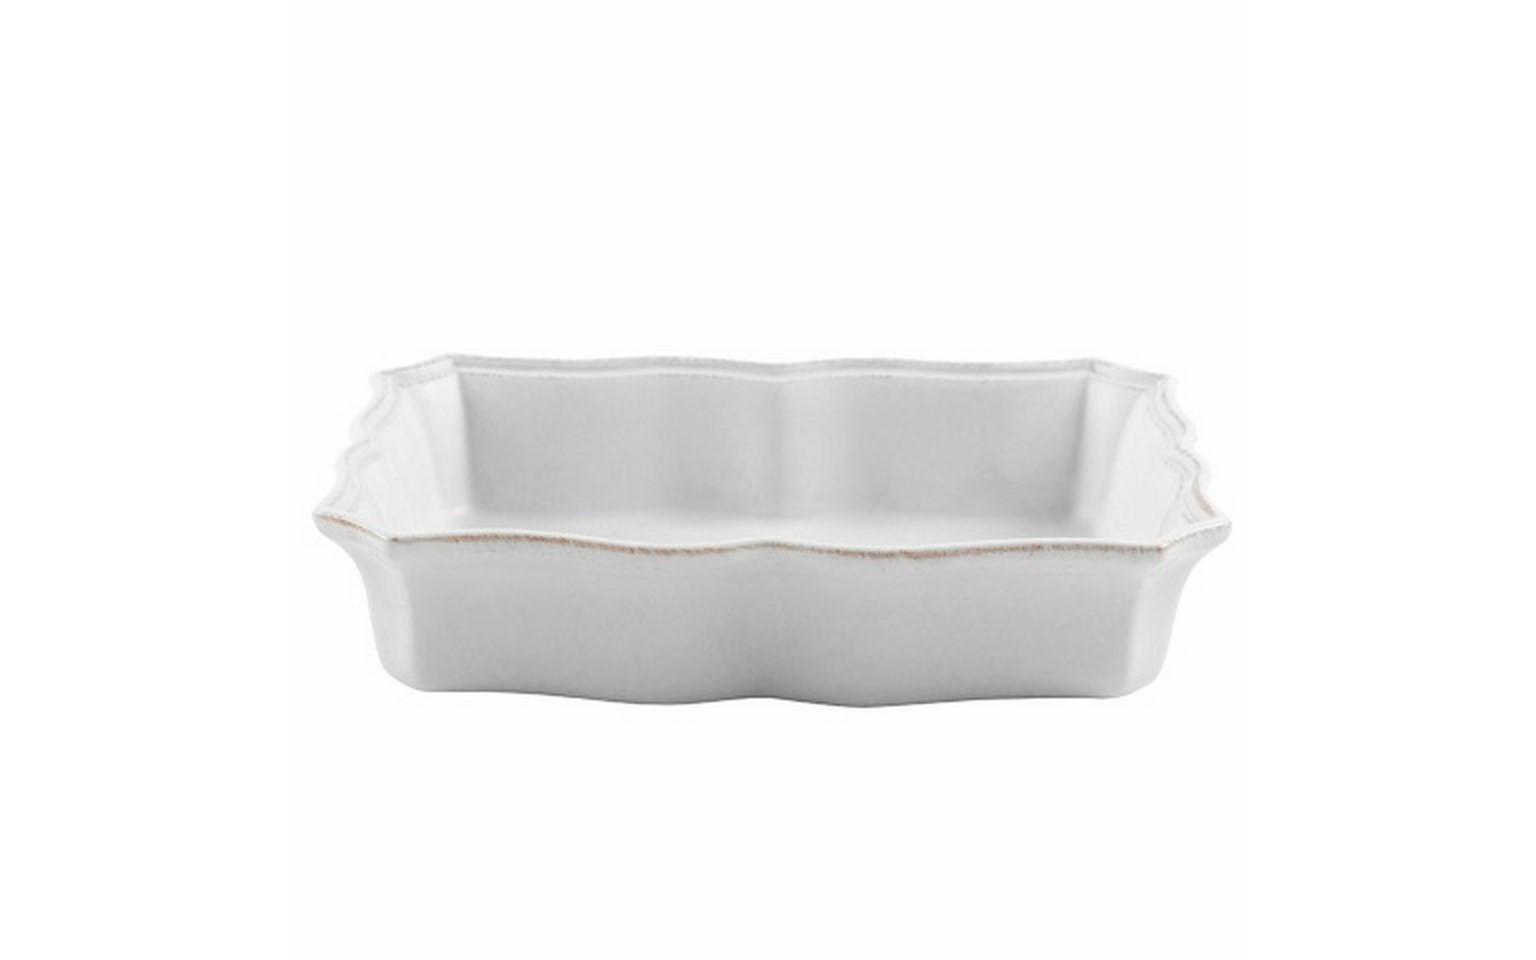 Блюдо для запекания квадратноеДекоративные блюда<br>Costa Nova (Португалия) – керамическая посуда из самого сердца Португалии. Она абсолютно устойчива к мытью, даже в посудомоечной машине, ее вполне можно использовать для замораживания продуктов и в микроволновой печи, при этом можно не бояться повредить эту великолепную глазурь и свежие краски. Такую посуду легко мыть, при ее очистке можно использовать металлические губки – и все это благодаря прочному глазурованному покрытию. Все серии посуды от Costa Nova отвечают международным стандартам качества. Керамическая посуда от Costa Nova не содержит такие вещества, как свинец и кадмий.<br><br>Material: Керамика<br>Width см: 25